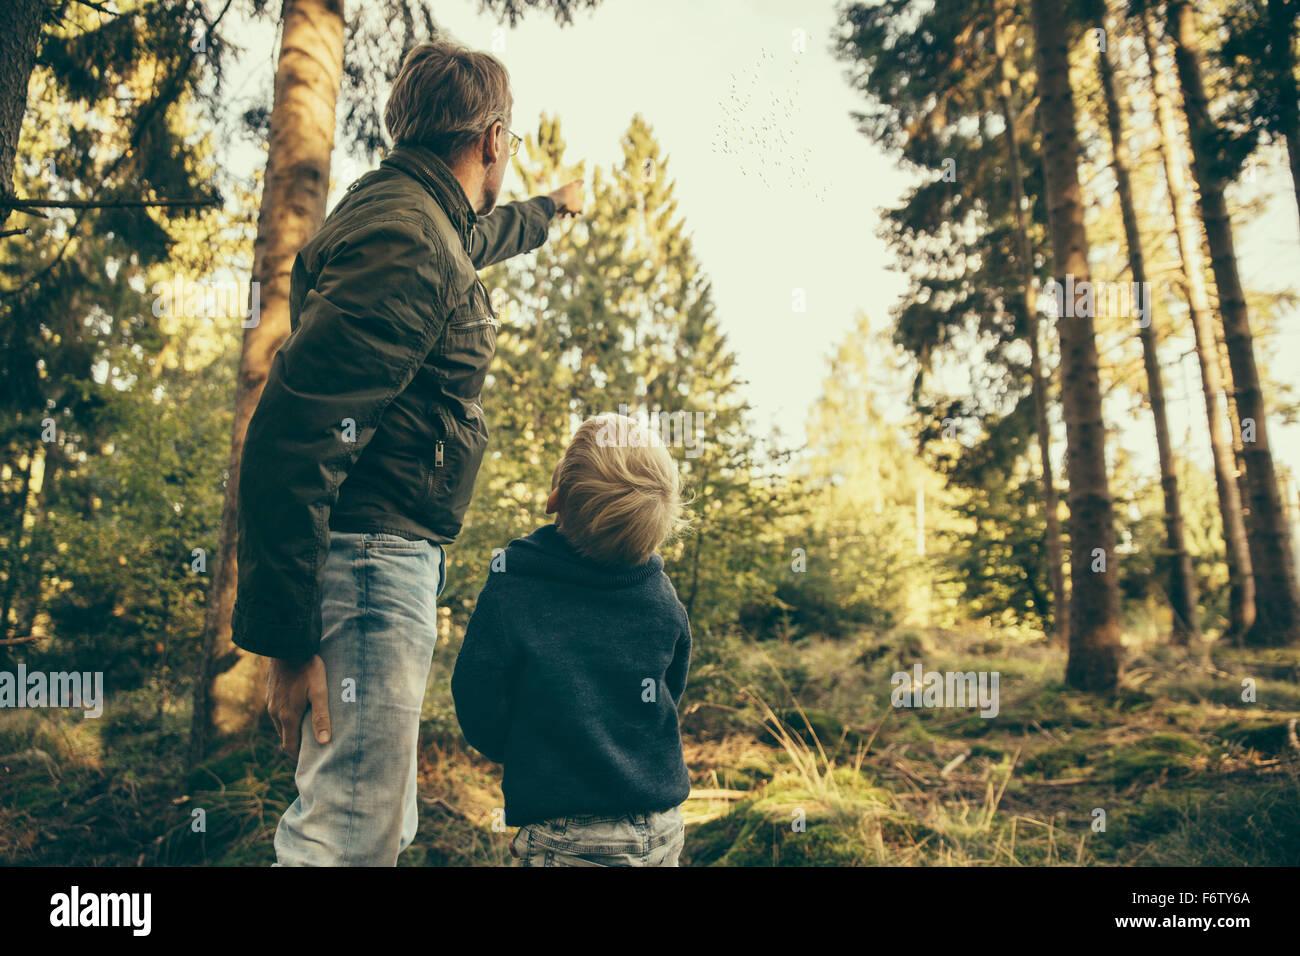 Mann mit Kind eine Herde von Krane für den Winter verlassen Stockbild